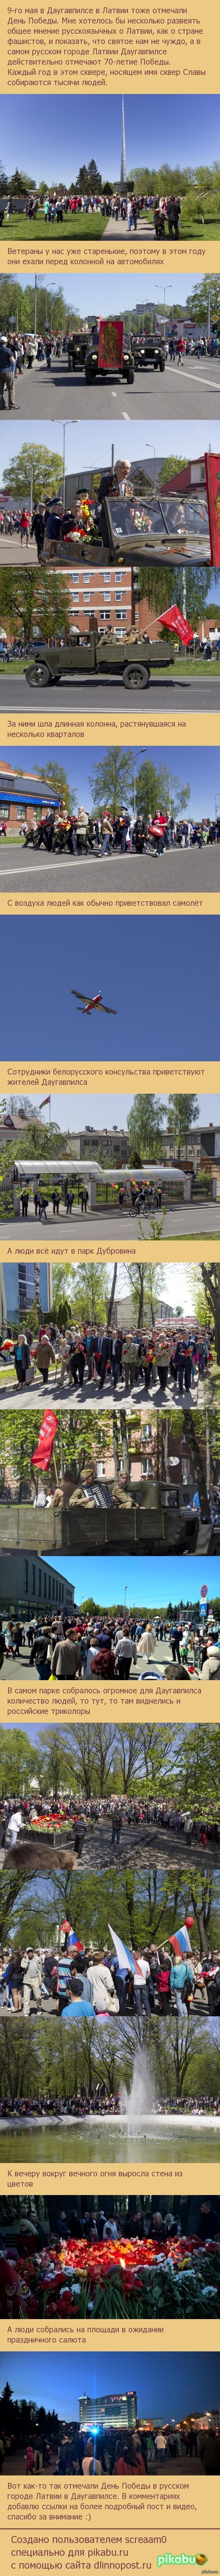 День Победы в Даугавпилсе в Латвии В Даугавпилсе тоже отмечают День Победы, в этом году получилось особо красочно и массово!